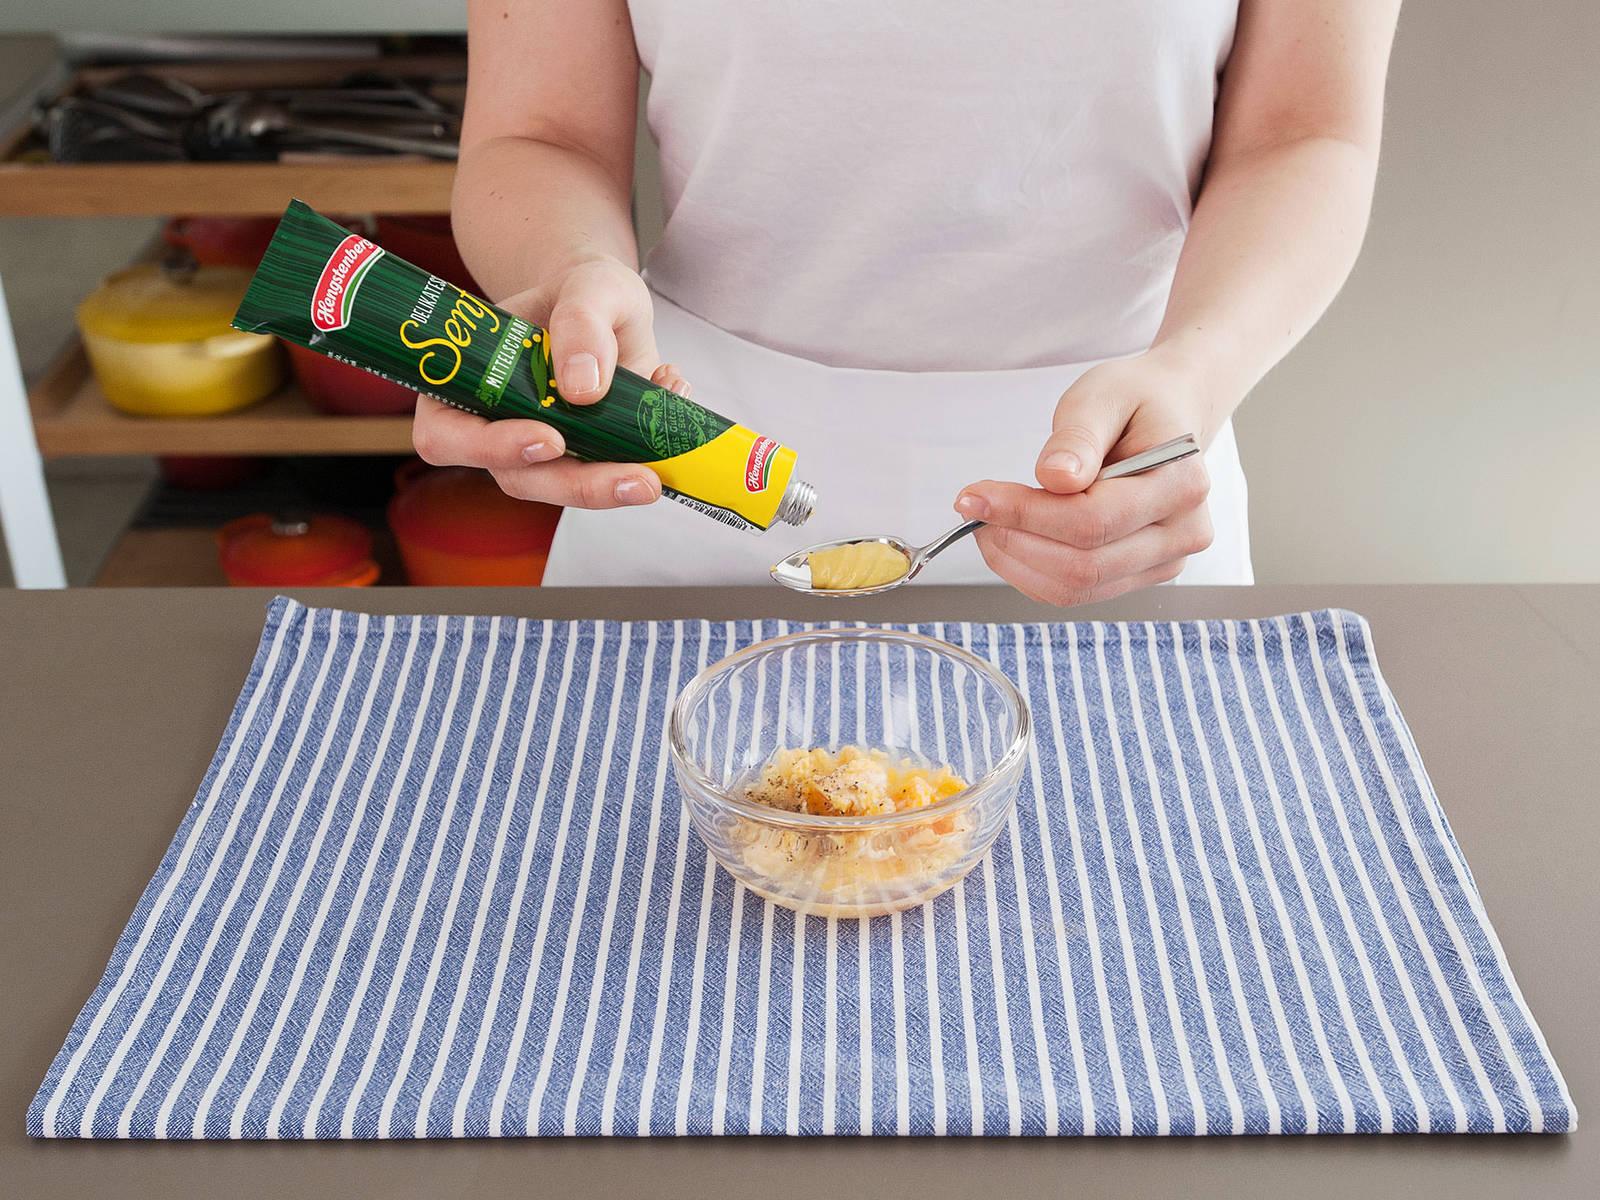 制作调味汁:在小碗中混合蛋黄、芥末、糖和柠檬汁。一边缓慢量稳地倒入植物油,一边保持搅拌,直至混合物呈乳状。加盐与胡椒调味。